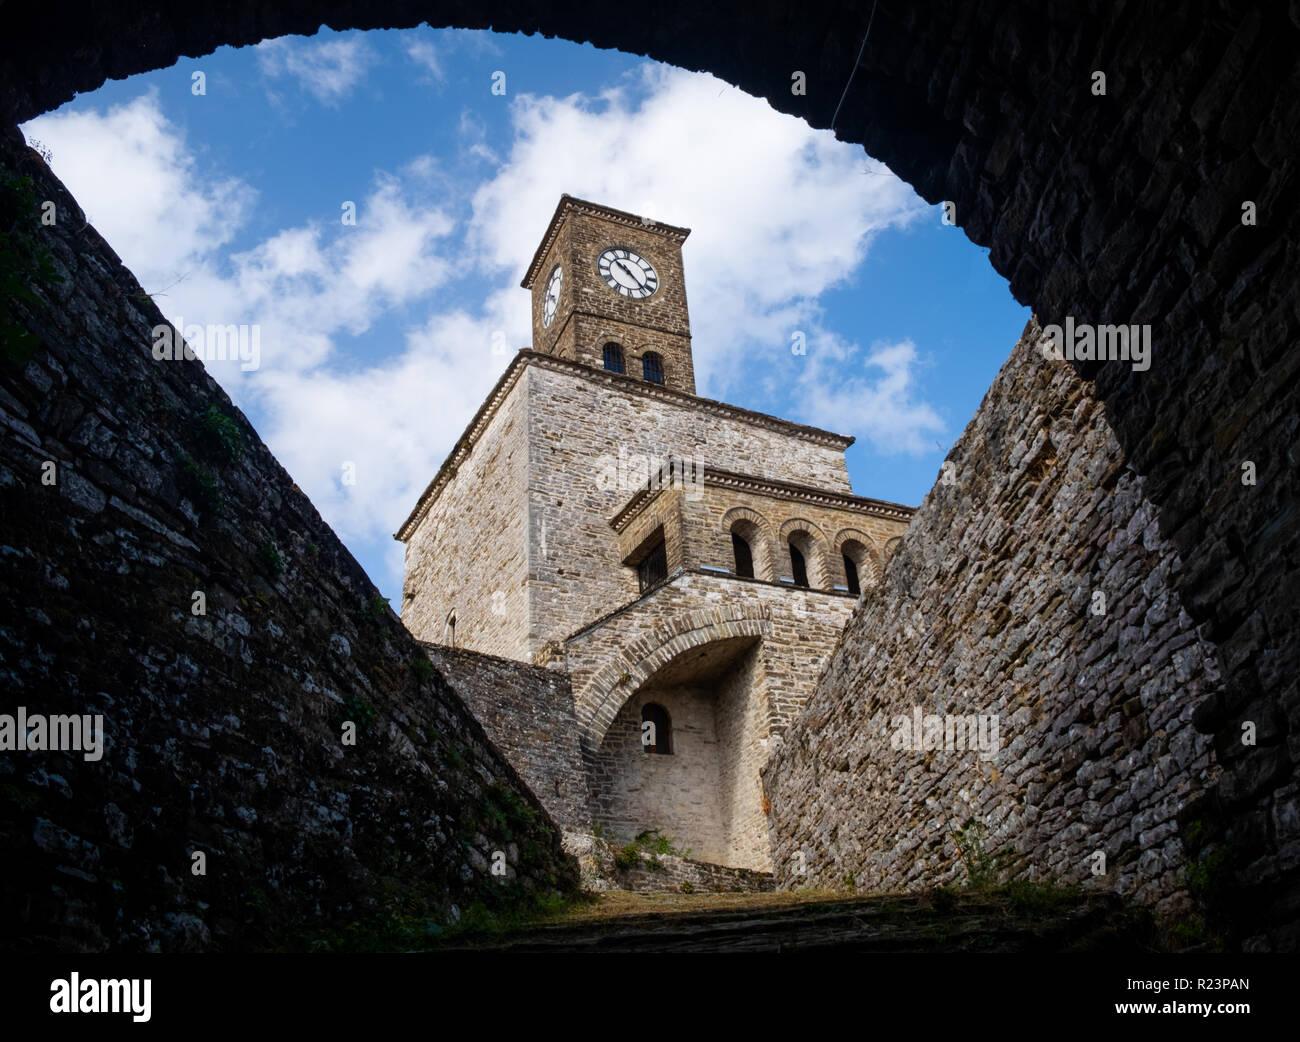 Interessante il framing attraverso il passaggio a volta del clock tower della fortezza di Argirocastro in Albania, con un cielo blu e nuvole bianche sullo sfondo Immagini Stock